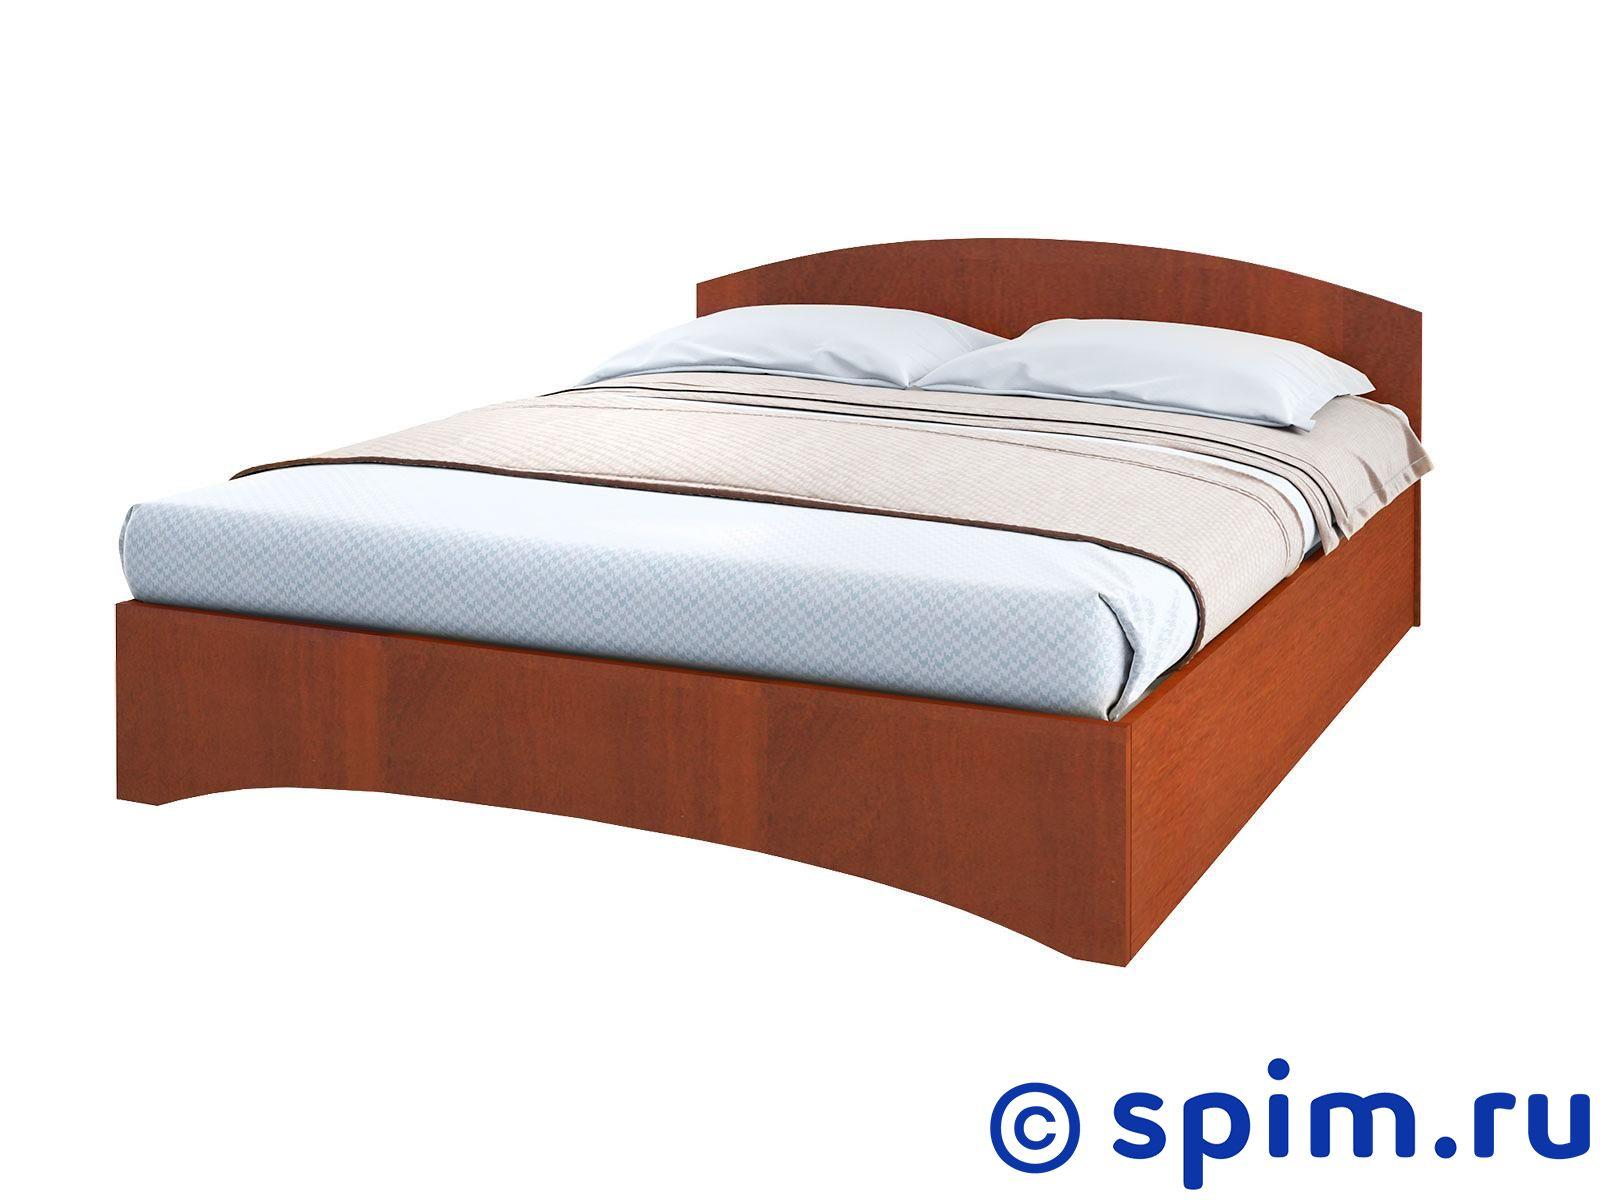 Кровать Промтекс-Ориент Рено 1 110х190 см